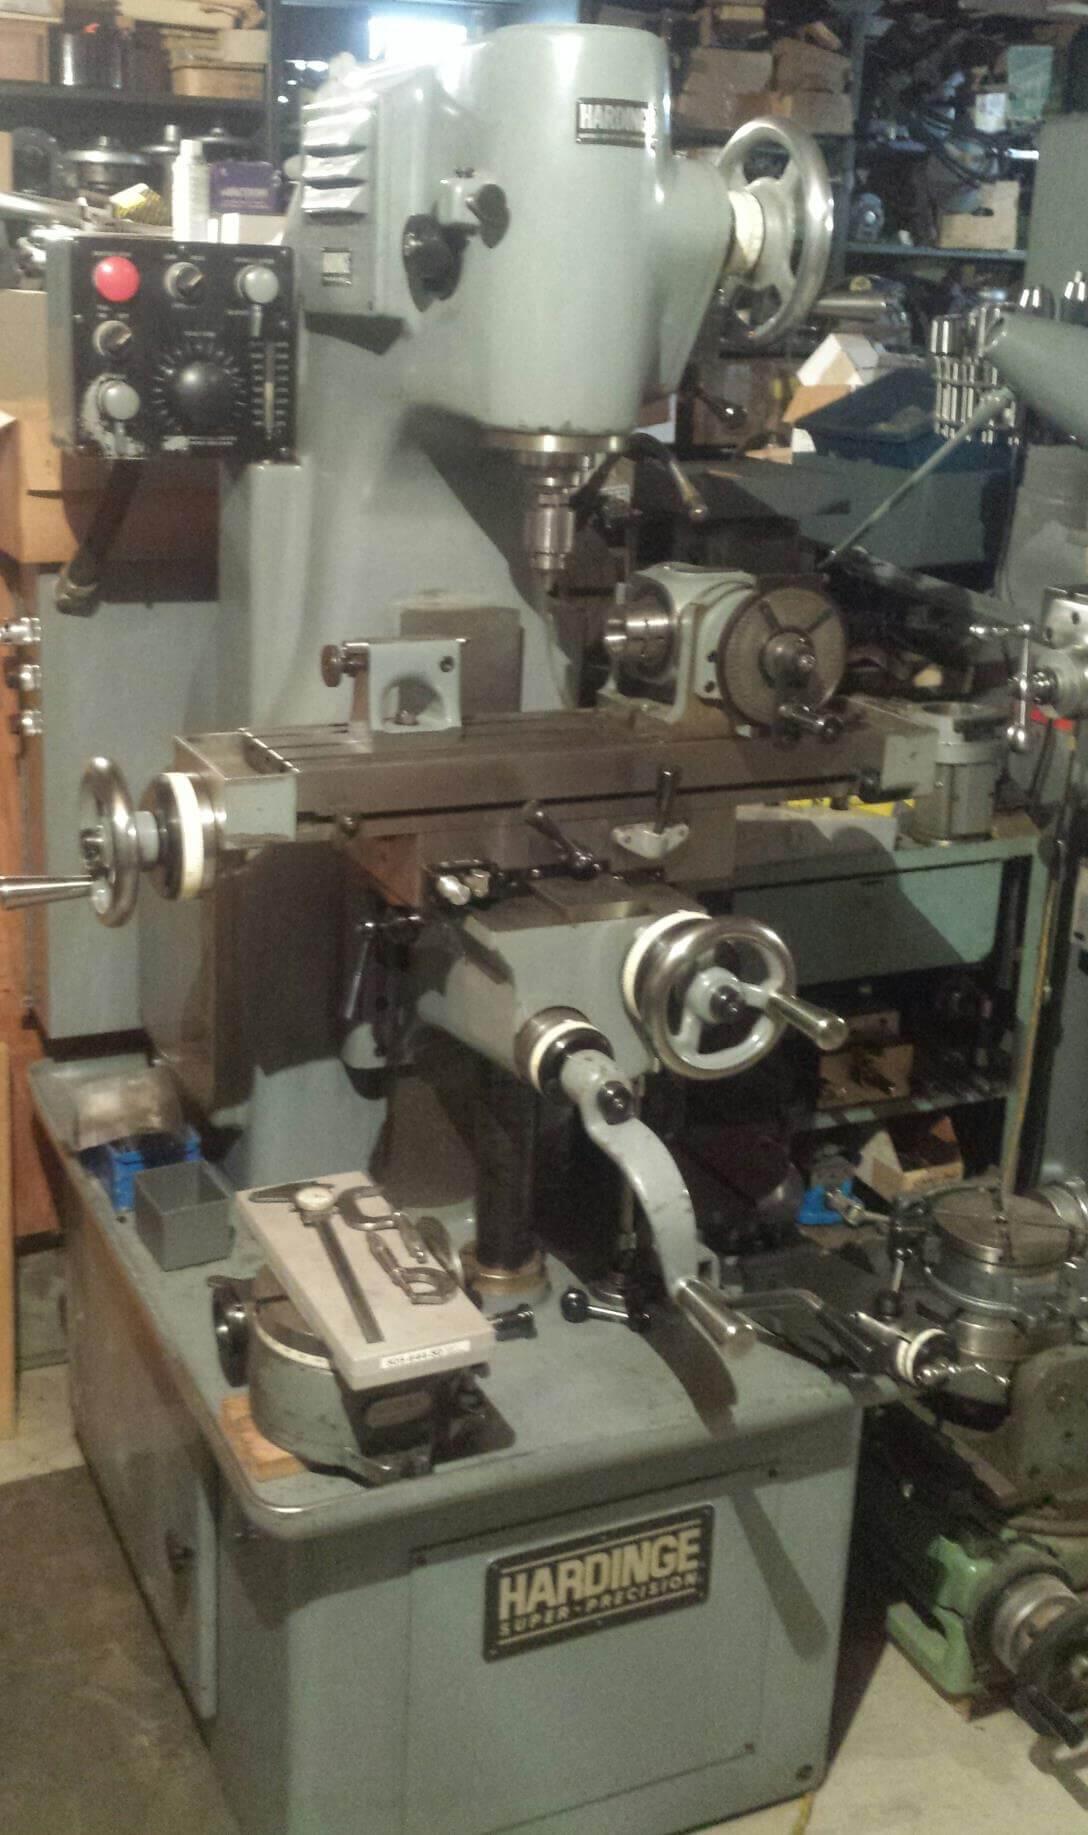 Hardinge Lathe Amp Mill Parts Amp New Manuals Hlv Hc Hct Hc